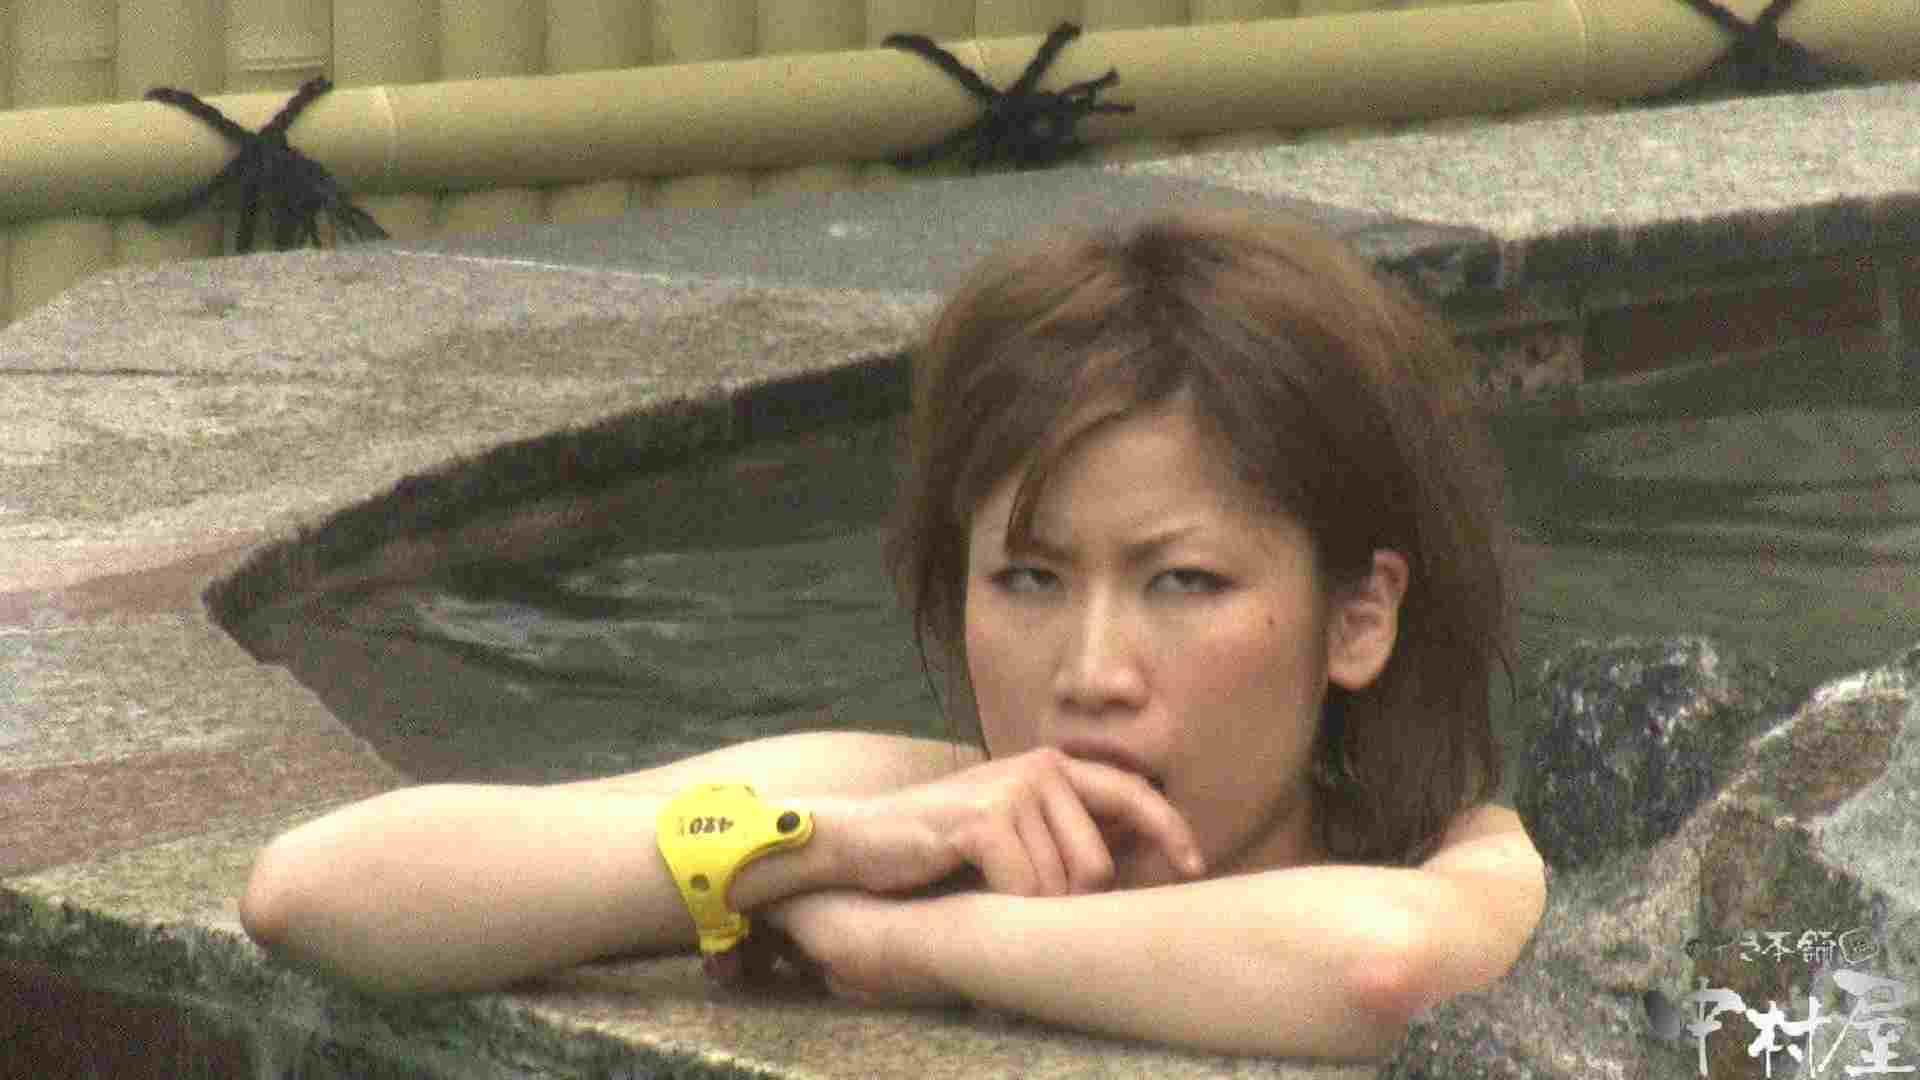 Aquaな露天風呂Vol.918 盗撮師作品 | 美しいOLの裸体  75pic 19